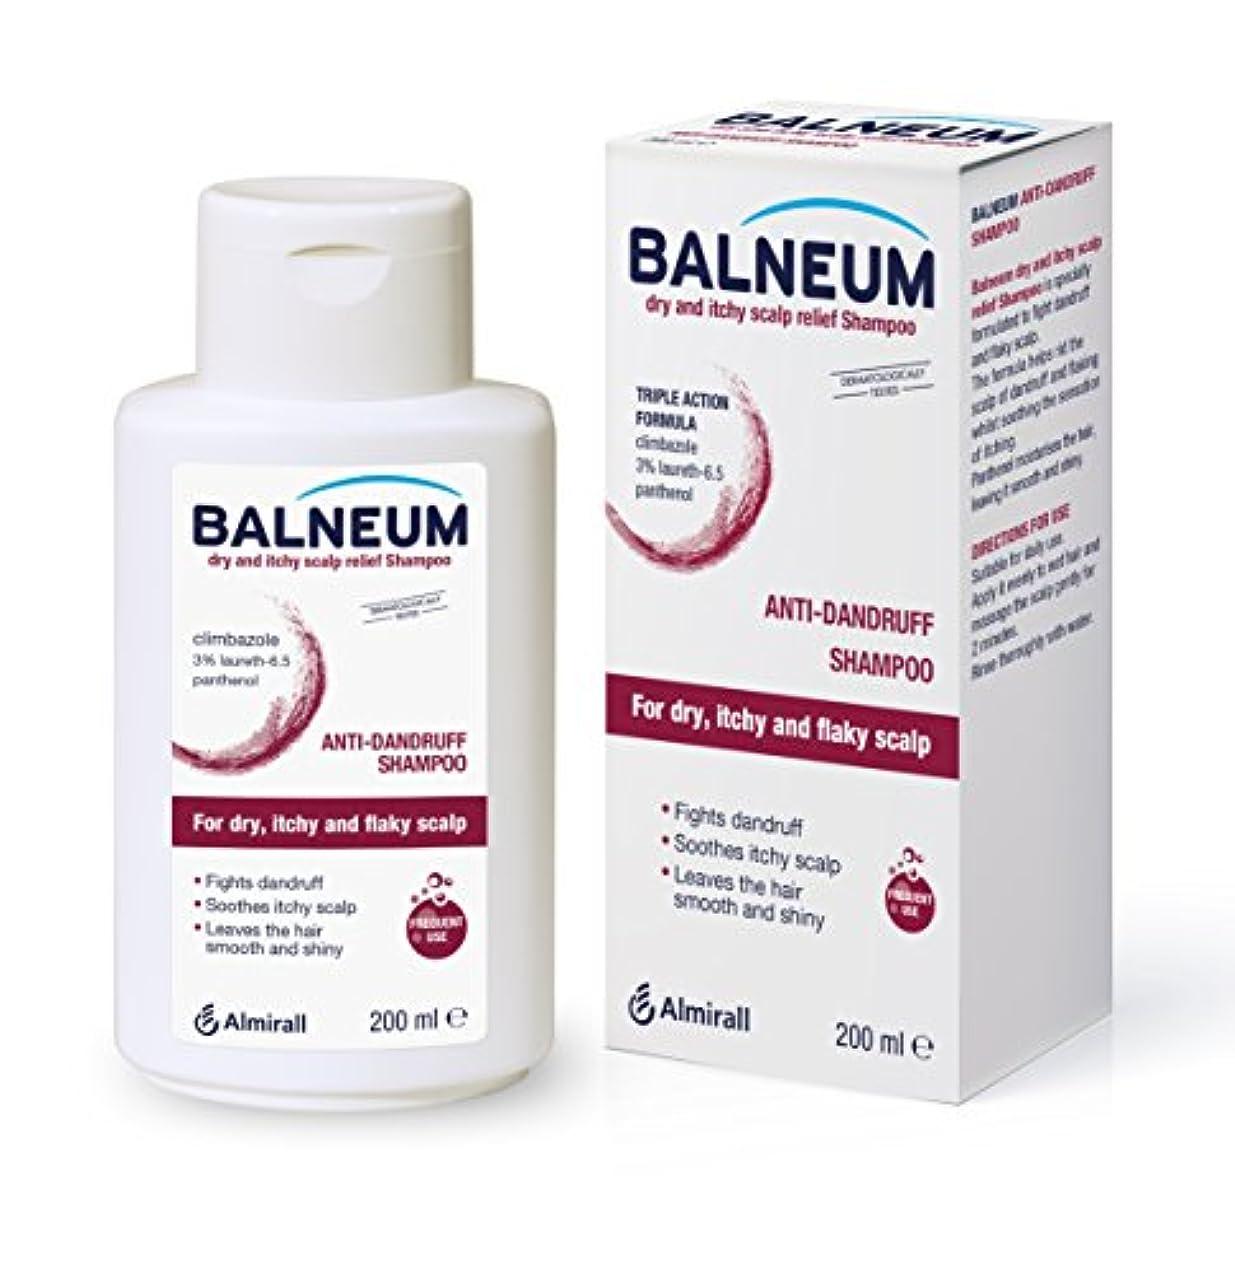 くすぐったいオフセット連続的Balneum Dry and itchyスカルプリリーフシャンプー、200 ml